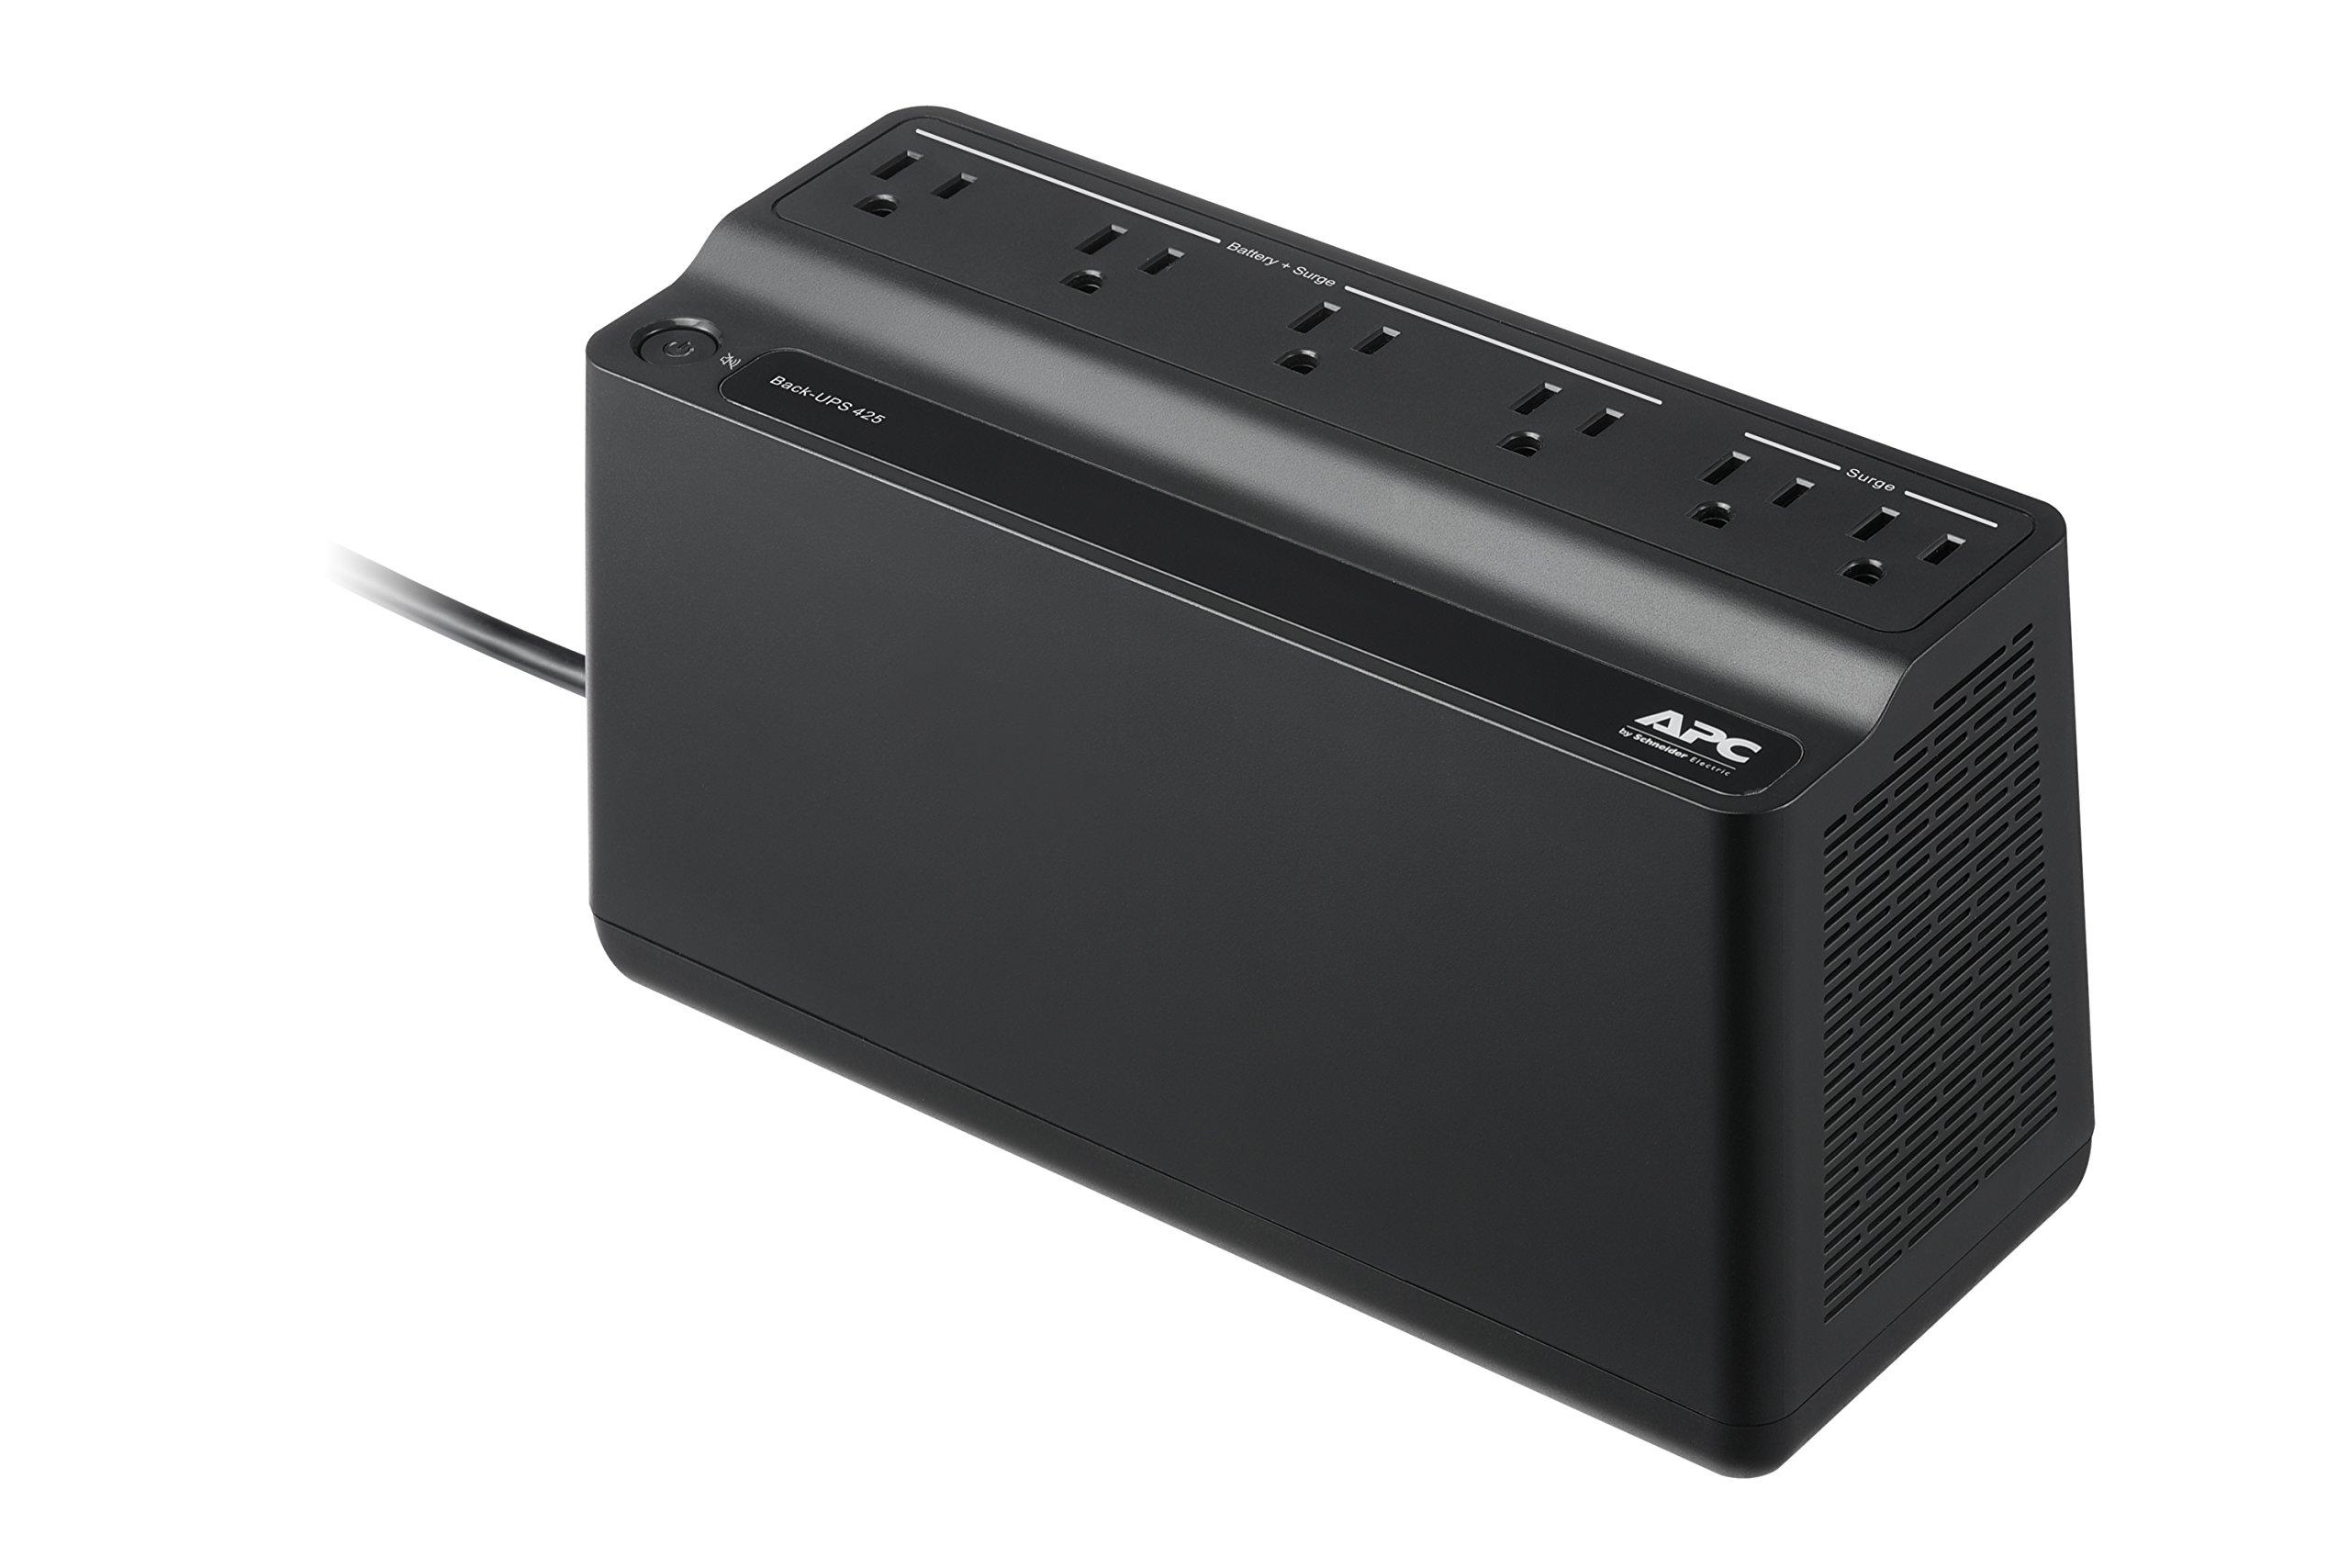 APC UPS Battery Backup & Surge Protector 2